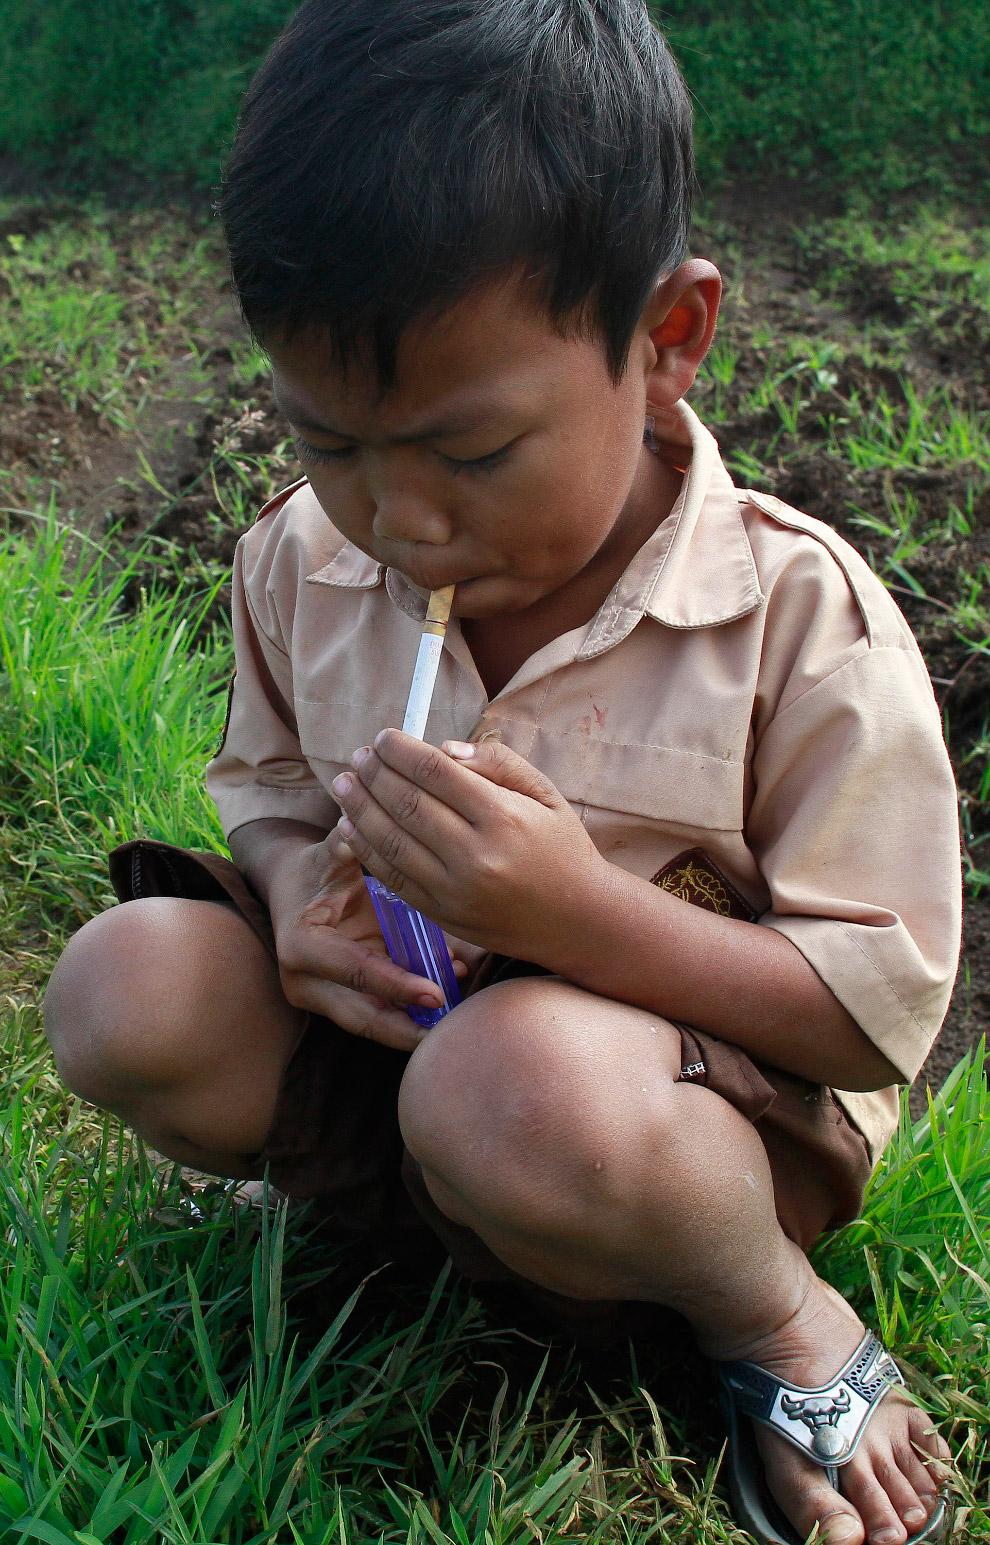 Можно подумать, что Дихан — так зовут 7-летнего мальчика — использует деньги не по назначению и покуривает в тайне от родителей